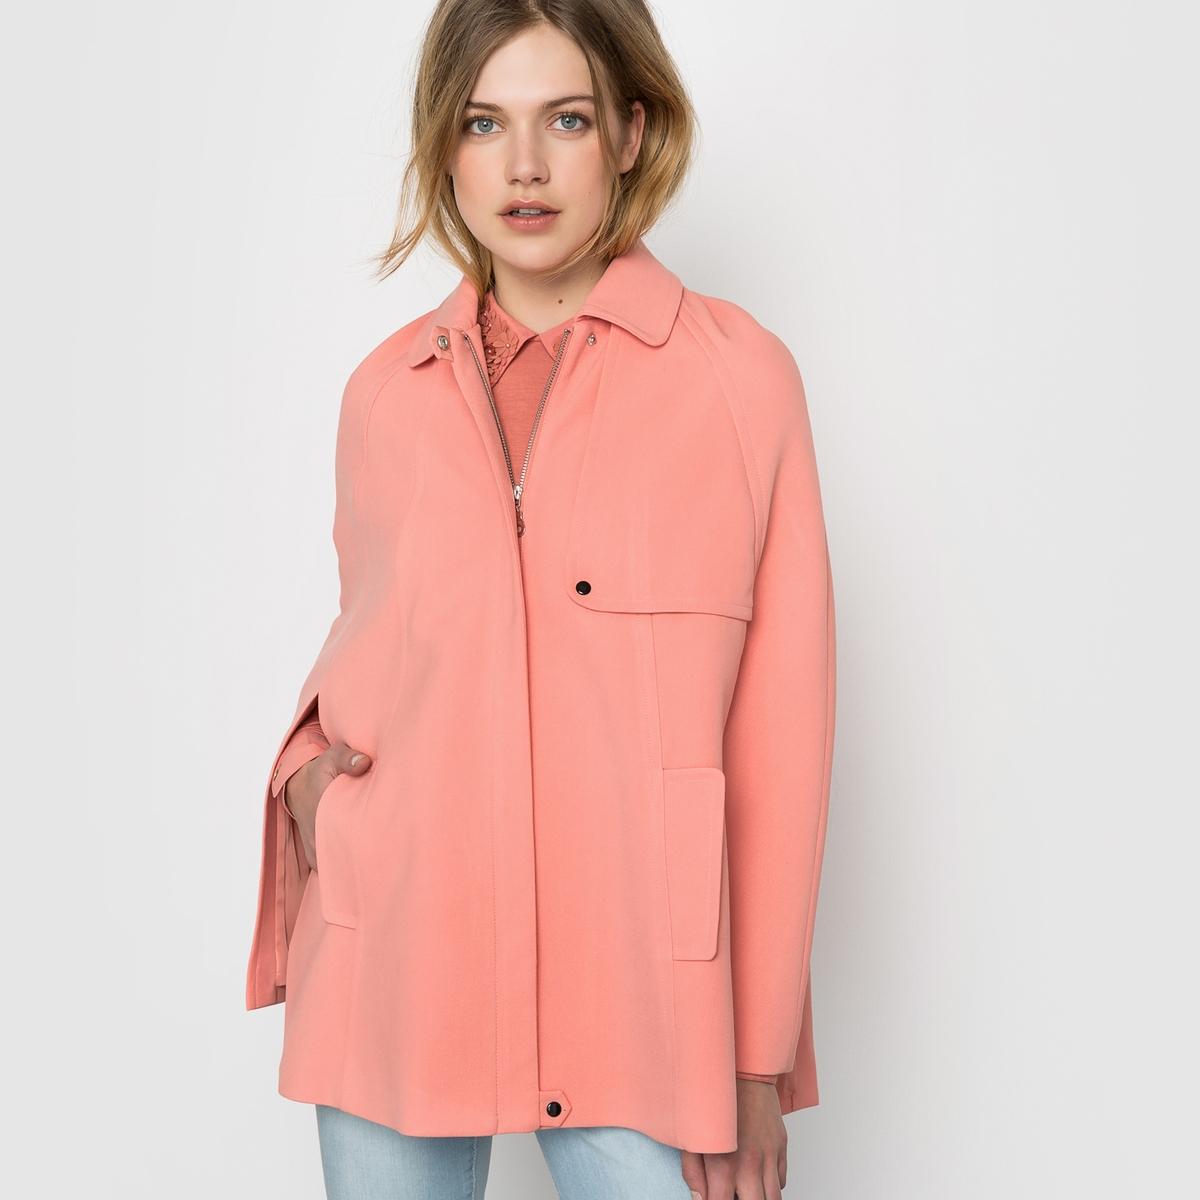 Пальто-накидкаСостав и деталиМатериал: 60% полиэстера, 36% вискозы, 4% эластанаПодкладка из 100% полиэстераДлина 75 смБренд: Mademoiselle R<br><br>Цвет: розовый<br>Размер: 40 (FR) - 46 (RUS)